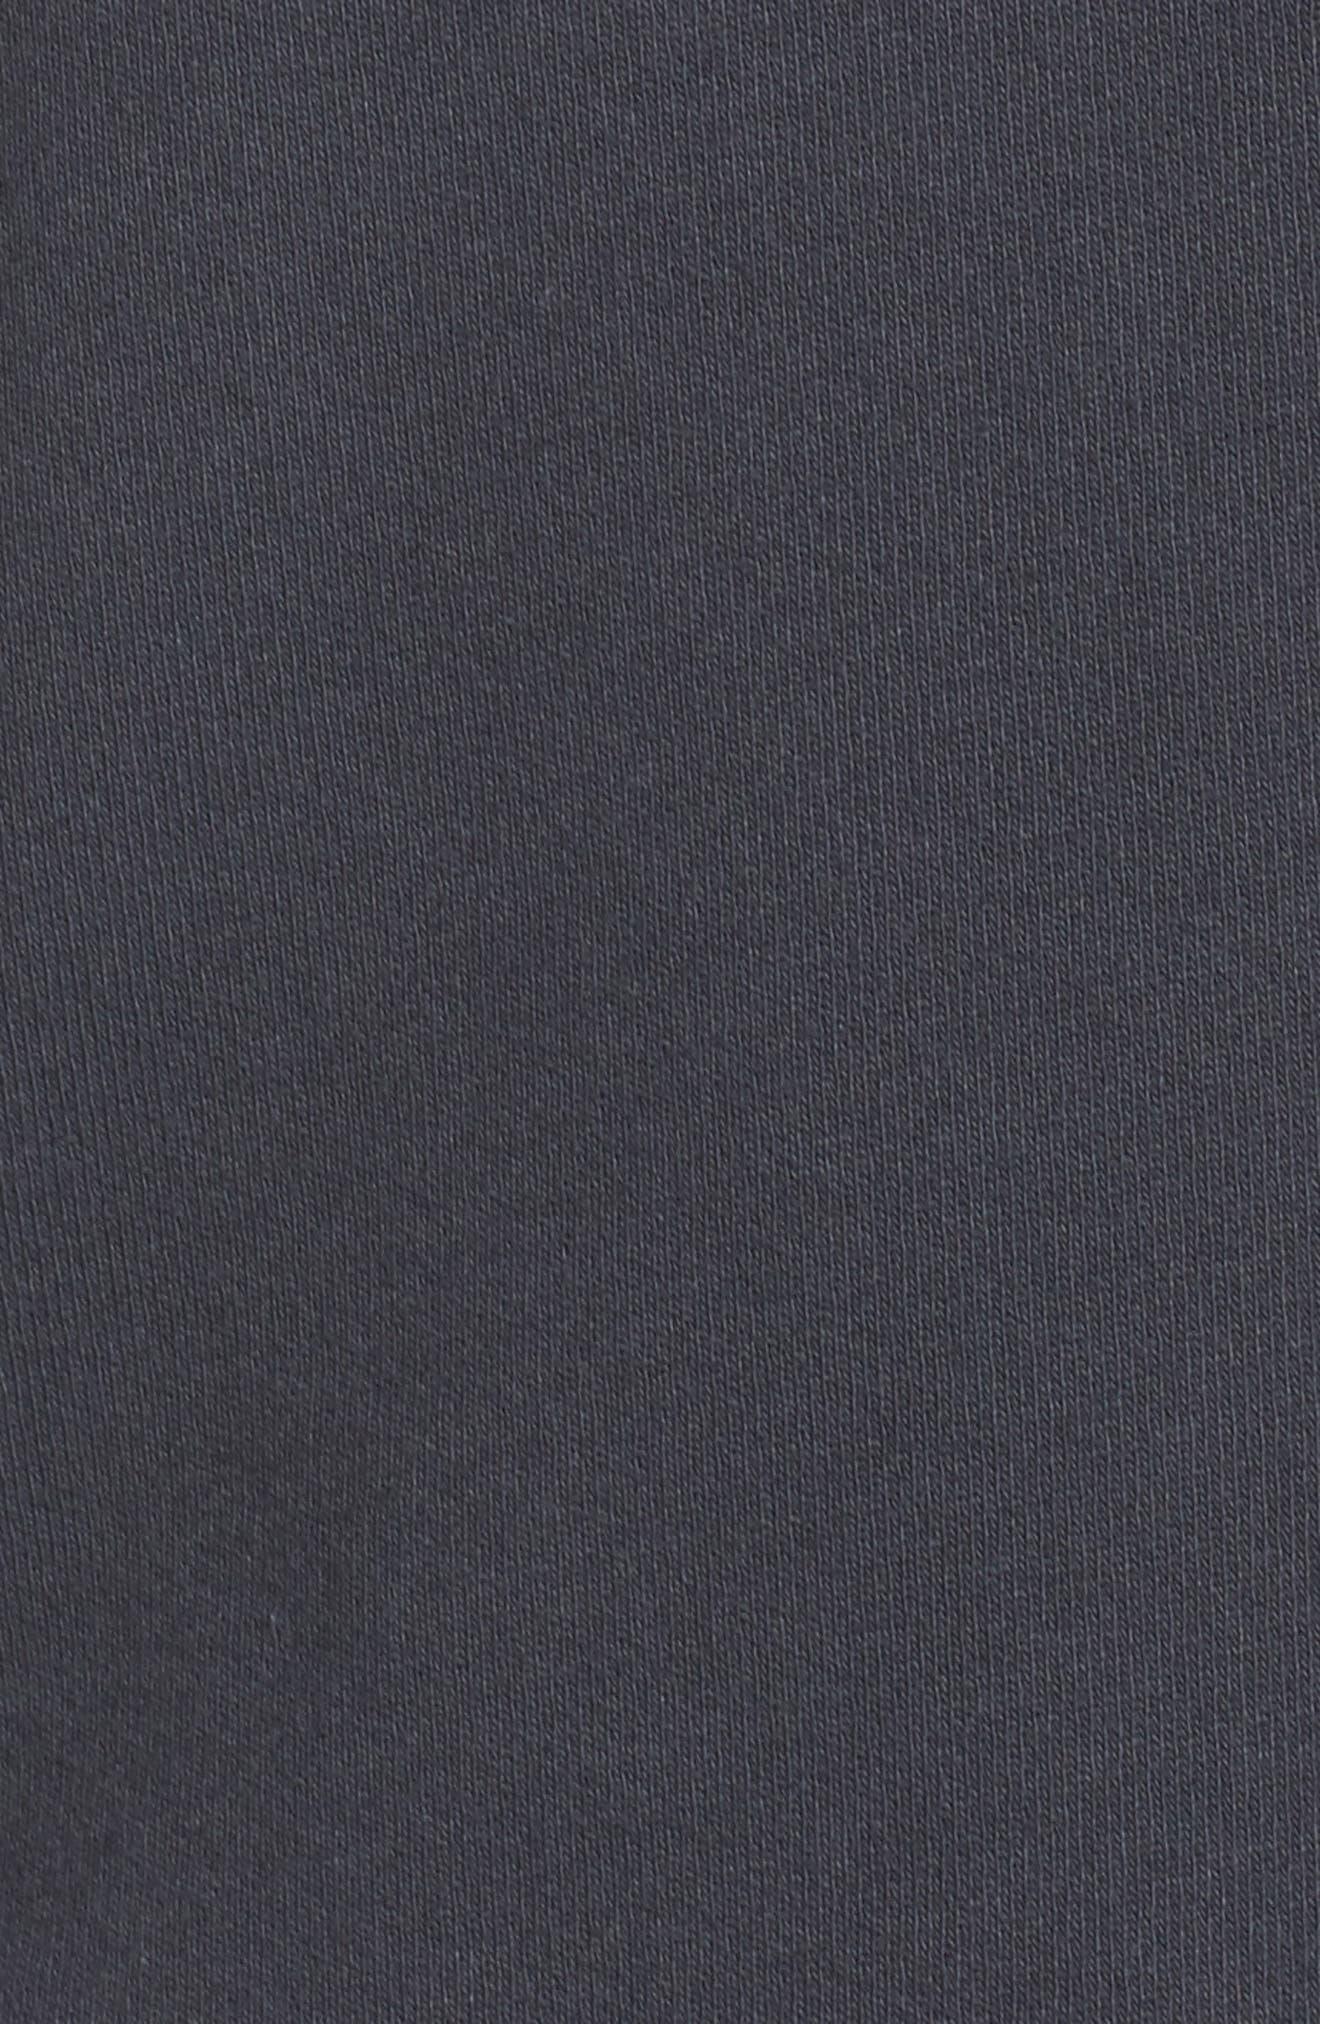 Peak Cutout Long Sleeve Pullover Crop Hoodie,                             Alternate thumbnail 15, color,